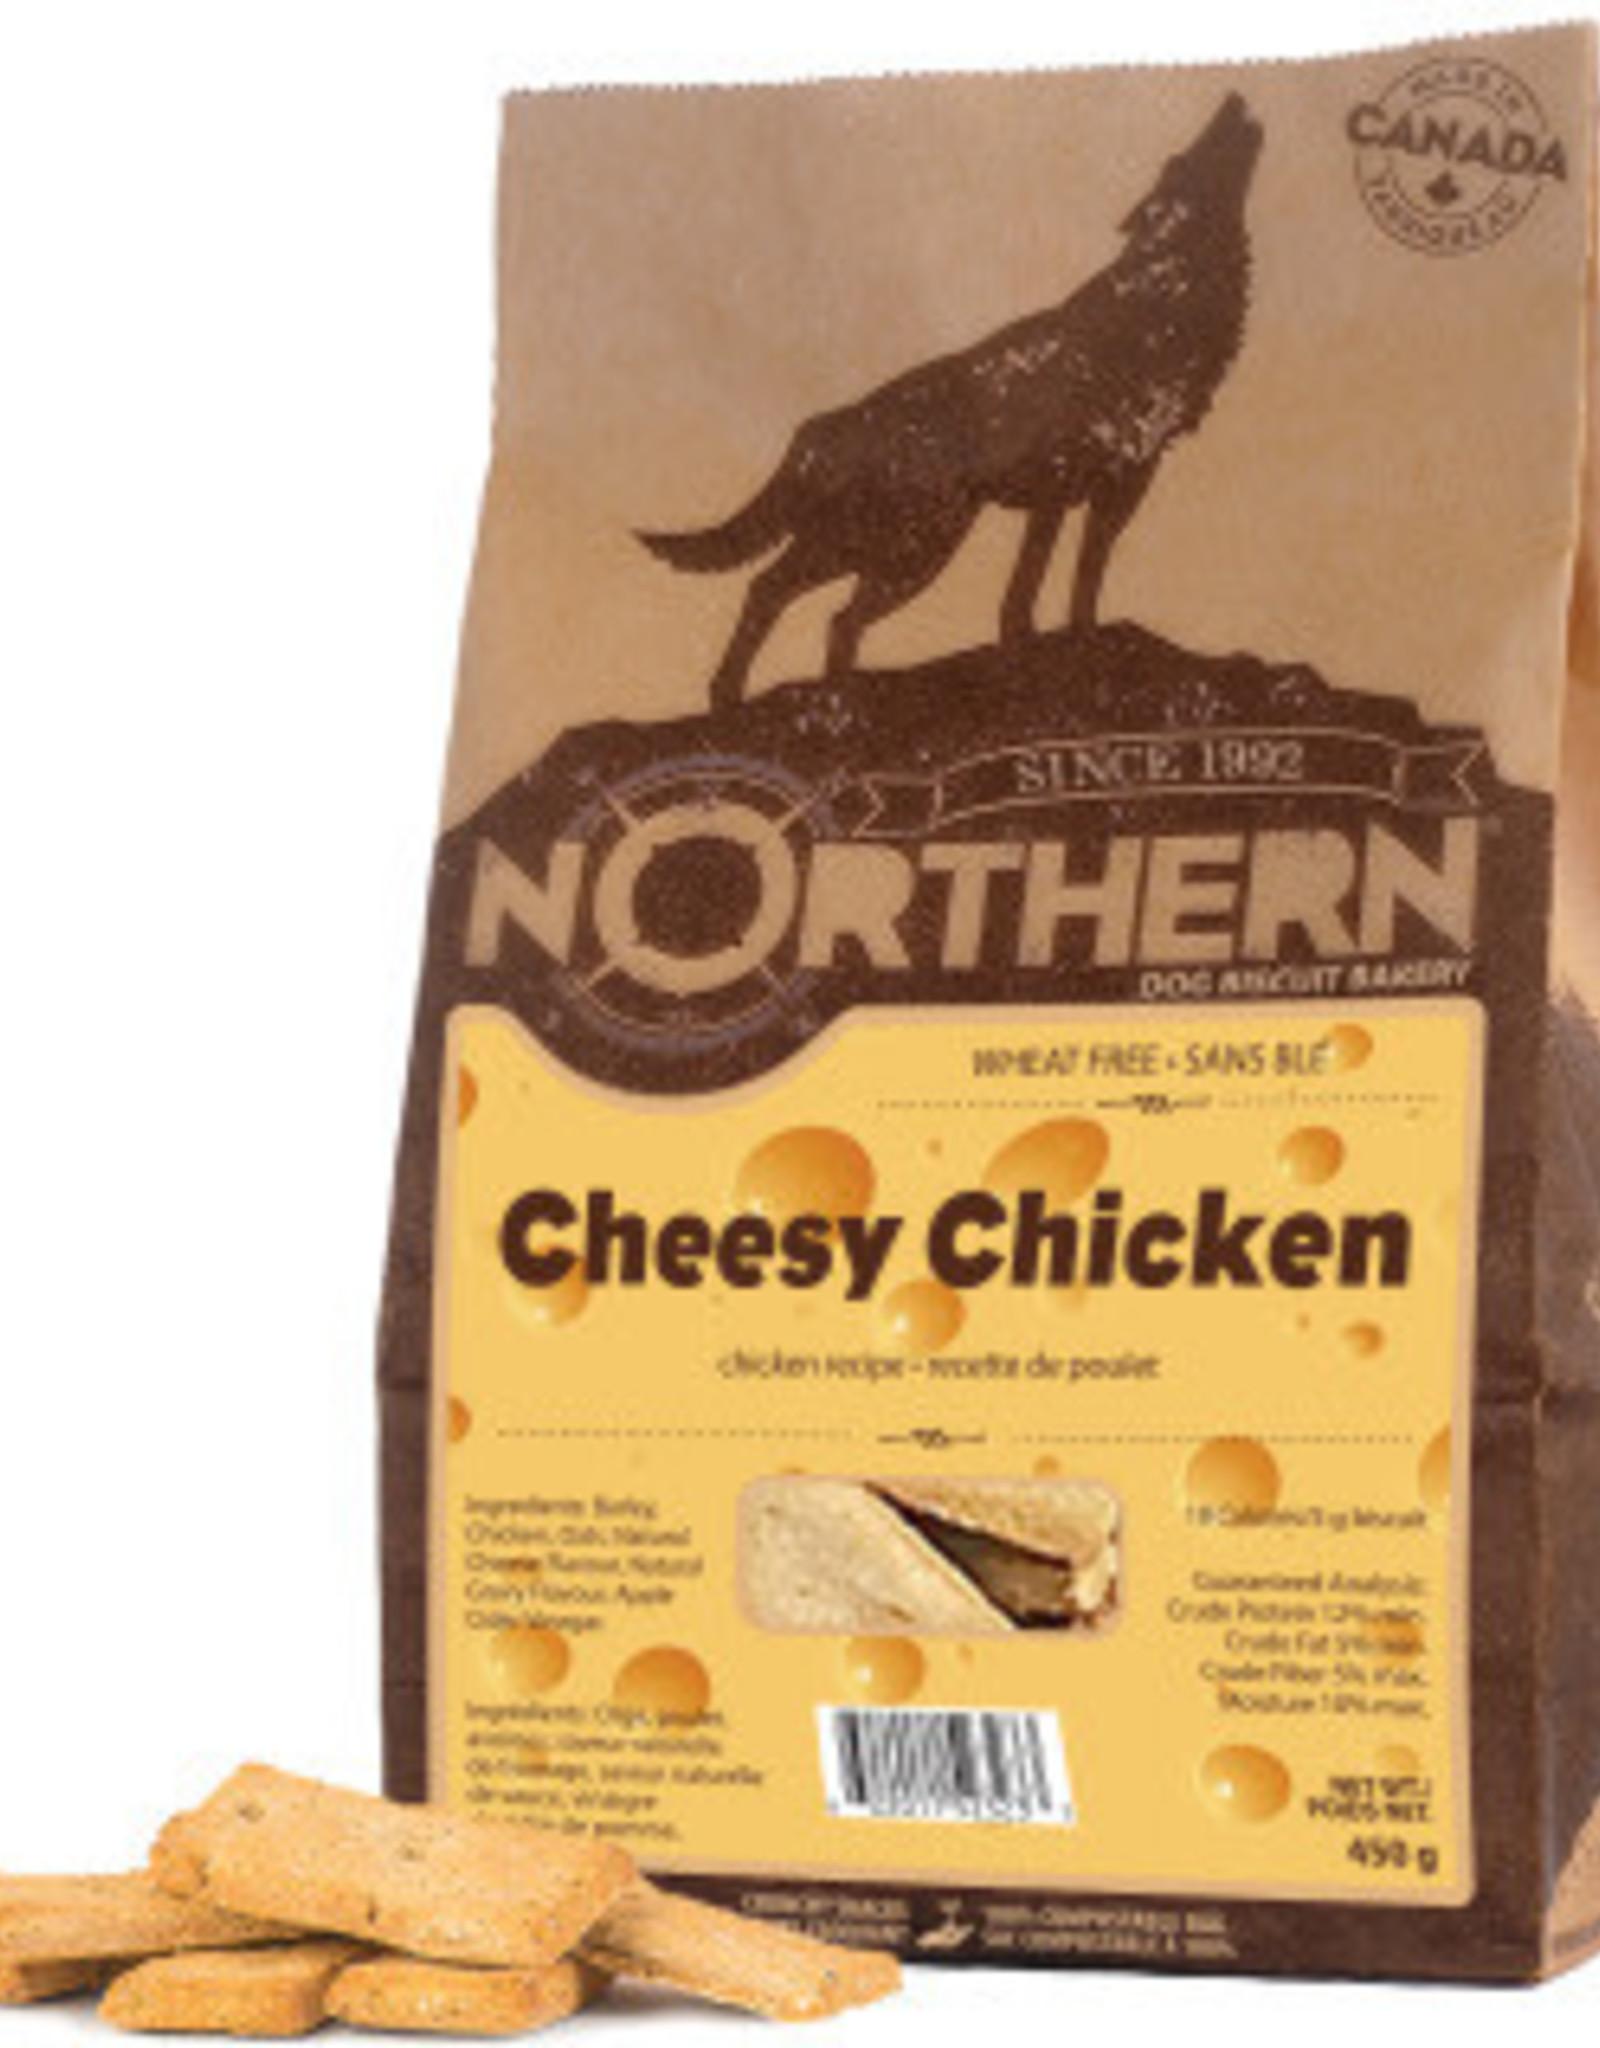 Northern Biscuit Northern Biscuit Cheesy Chicken 450 g